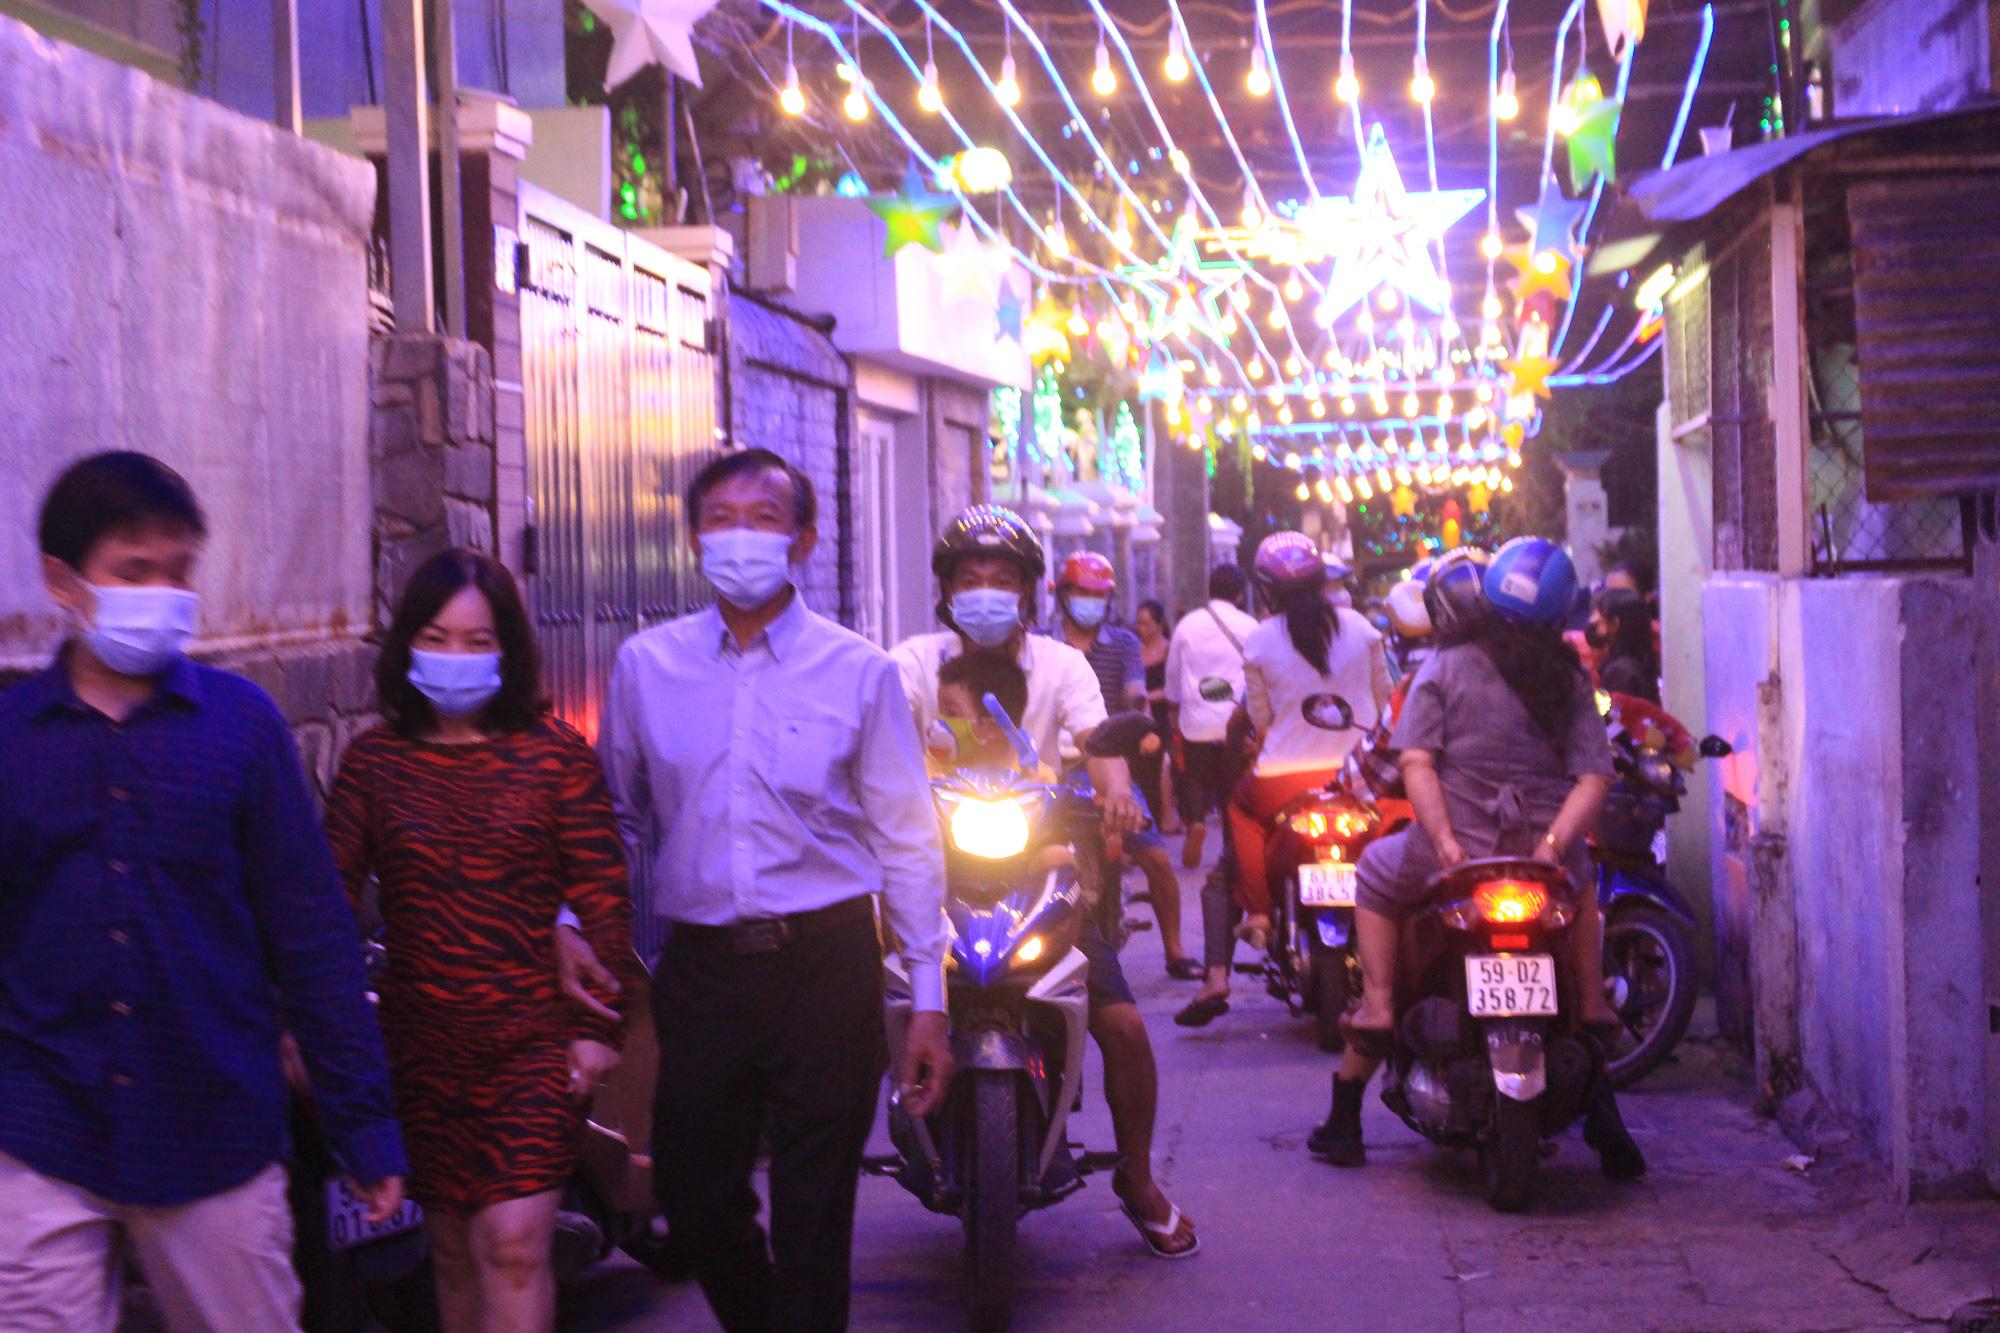 Đường Sài Gòn tắc nghẽn, người dân đổ xô đi chơi Giáng sinh - Ảnh 5.